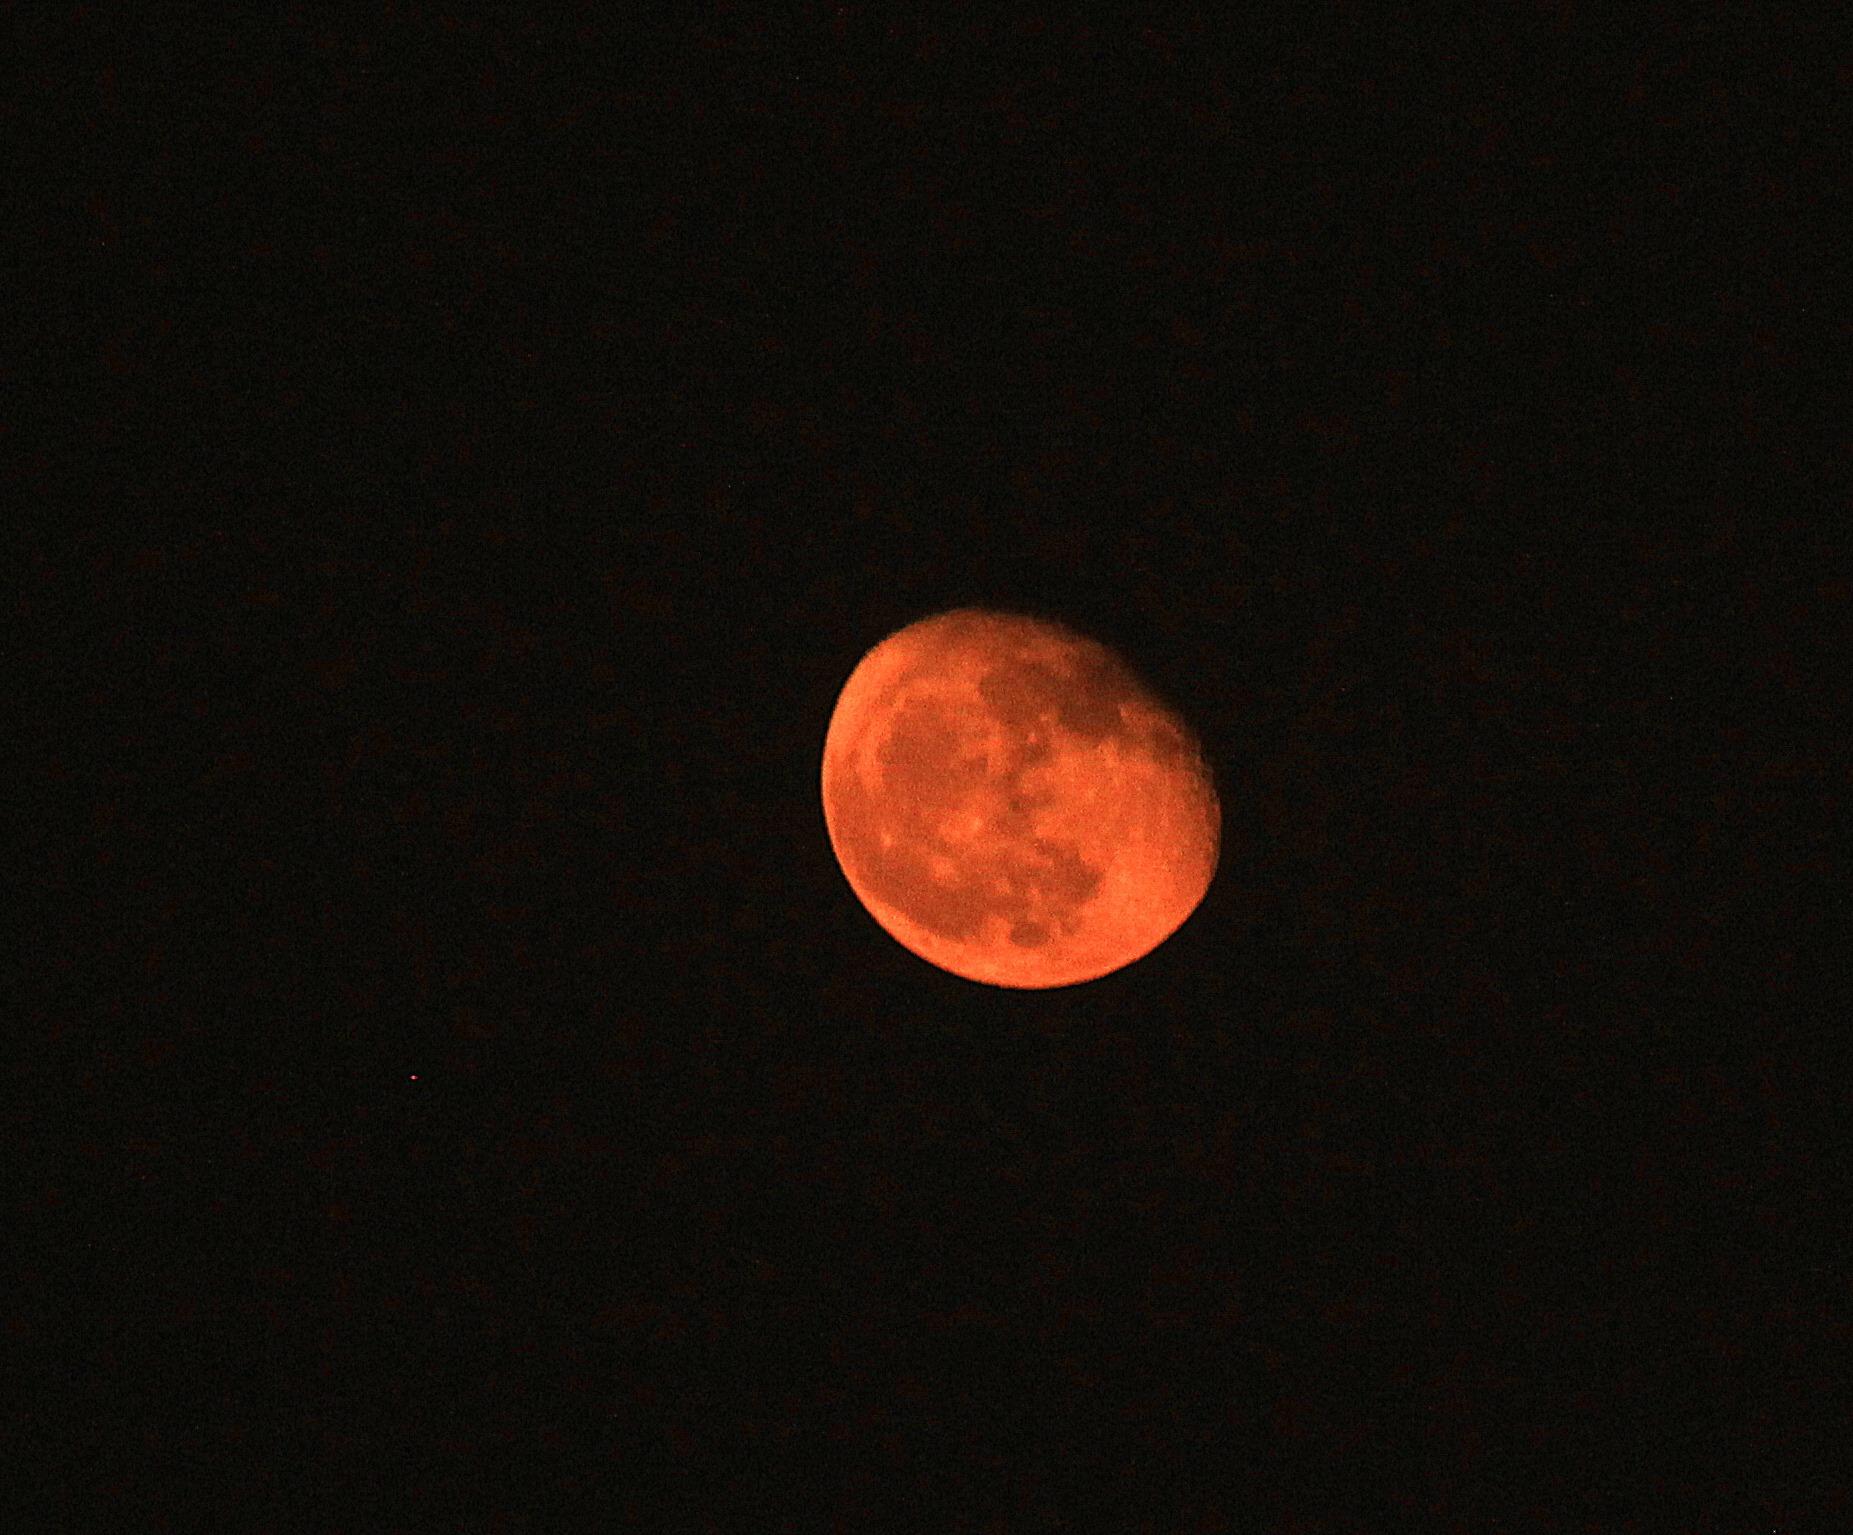 Moonlit night in Cairo